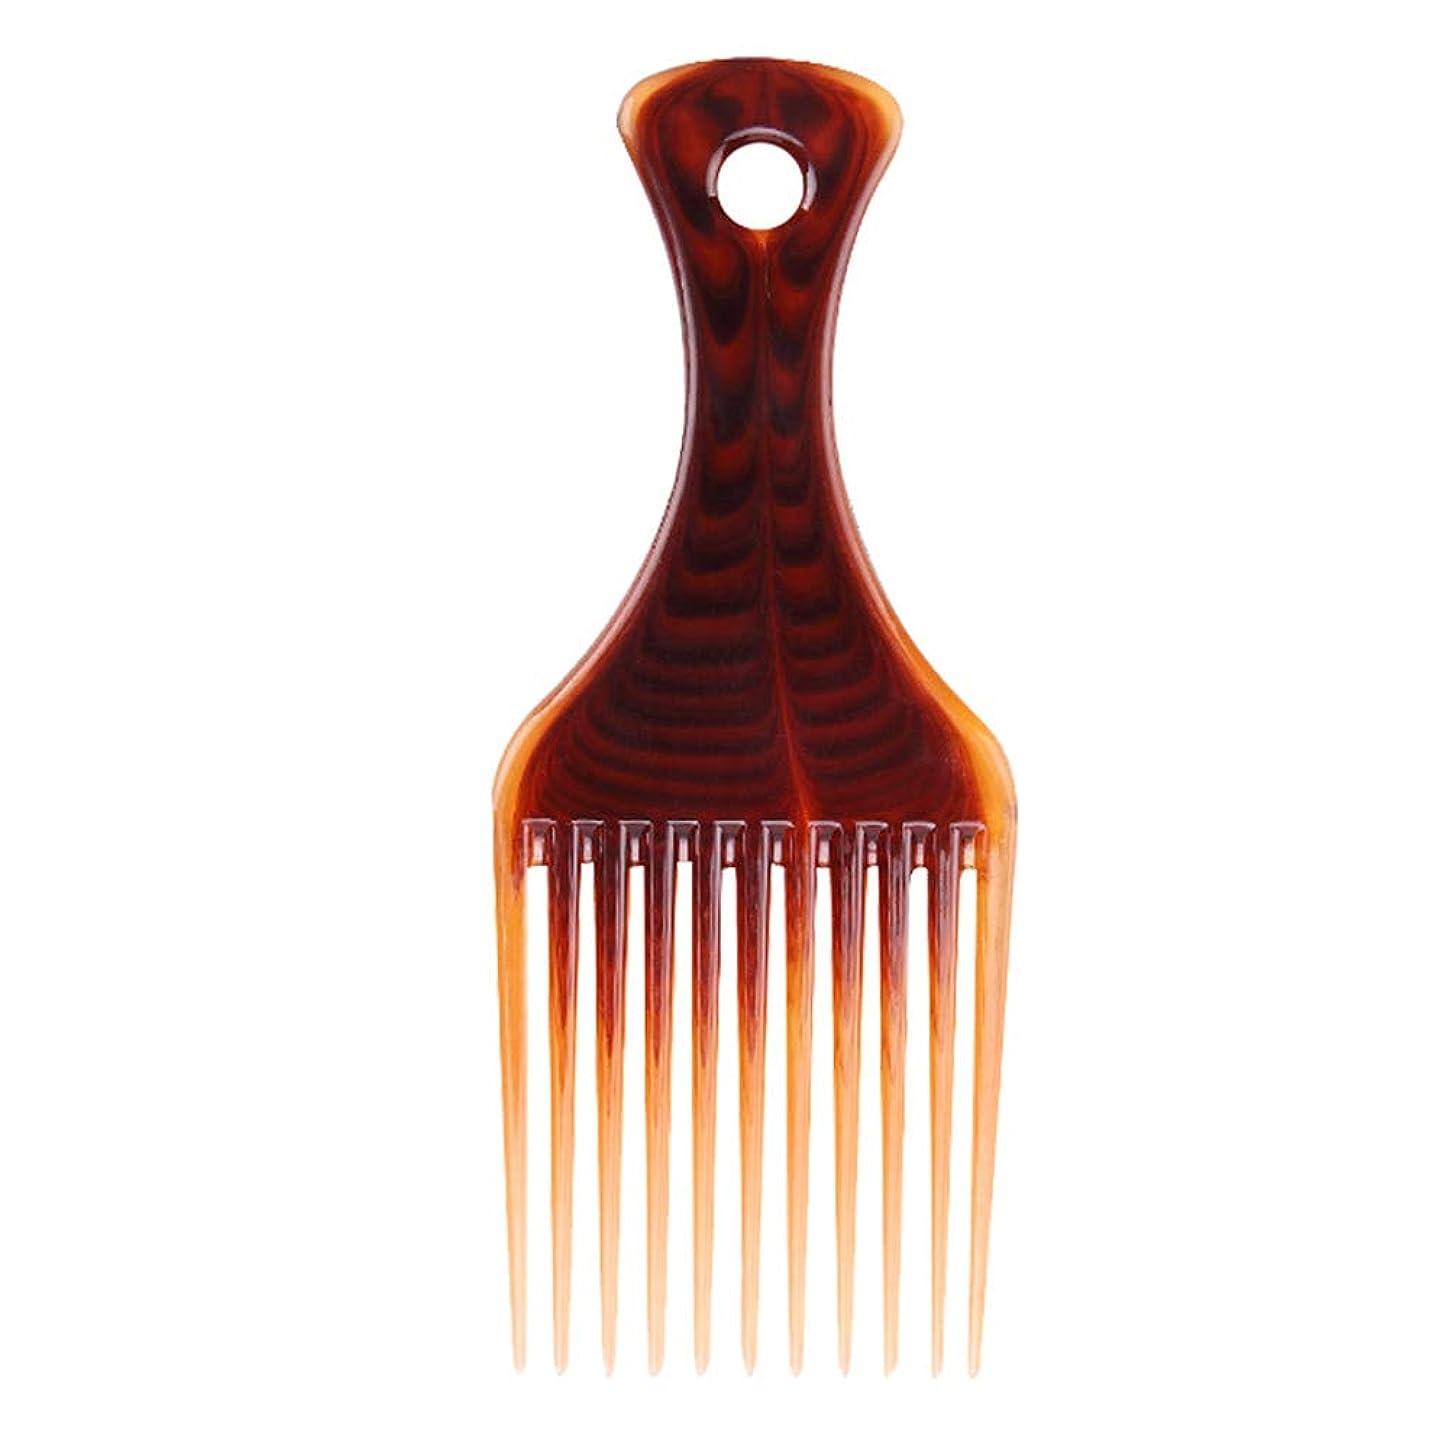 帝国主義一致論争の的Healifty プラスチック 櫛 ワイド トゥースコーム サロン理容理髪ブラシ ヘアフォークコーム (コーヒー)